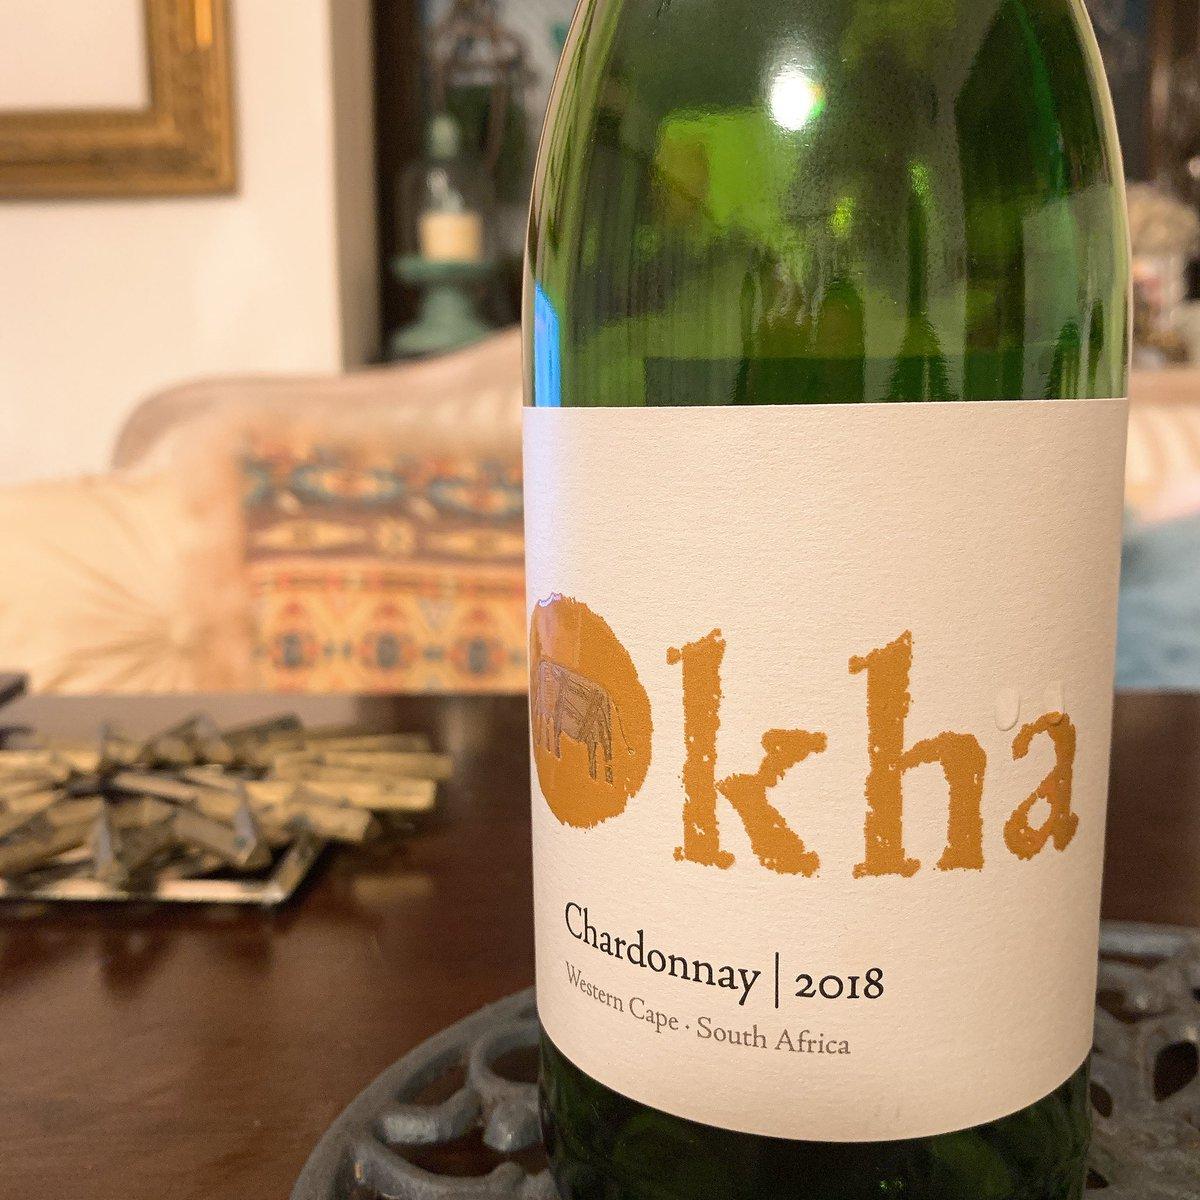 これからは一晩で完飲したワインだけアップします。  こちら南アフリカのオーカのシャルドネ。 ミネラル感と果実味のバランスが良く刺身やサラダにも合いました。  #一晩ワイン #kha #chardonnay #シャルドネ #南アフリカ #オーカ https://t.co/d1GuTjUc6A